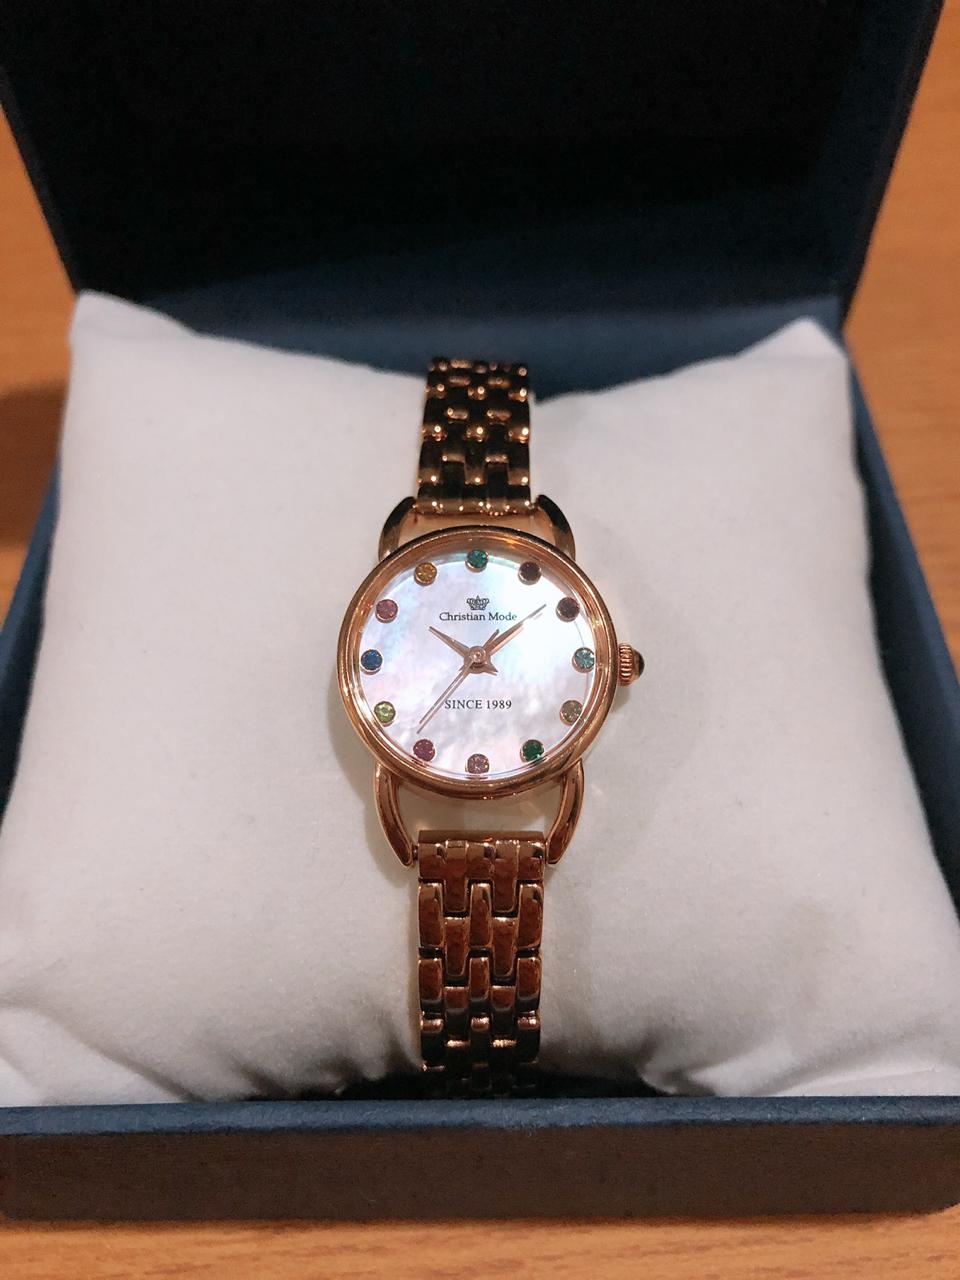 크리스챤모드 여성 메탈 시계